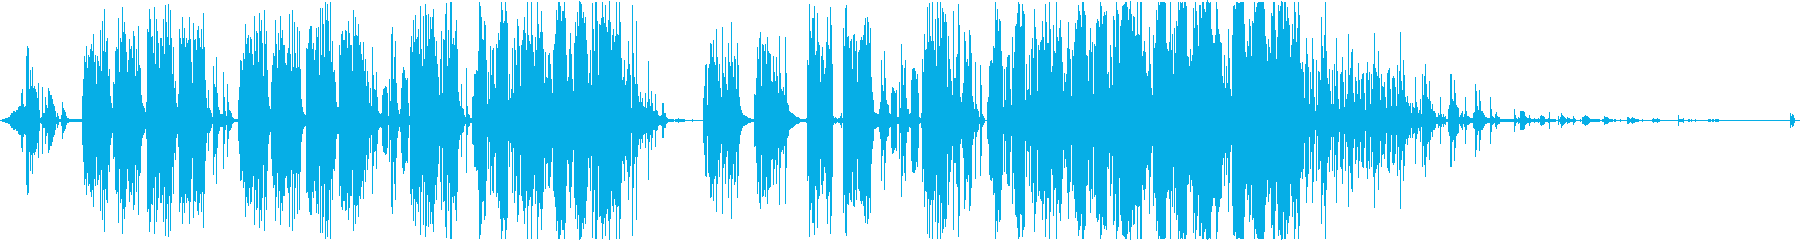 リトルメロディの再生済みの波形